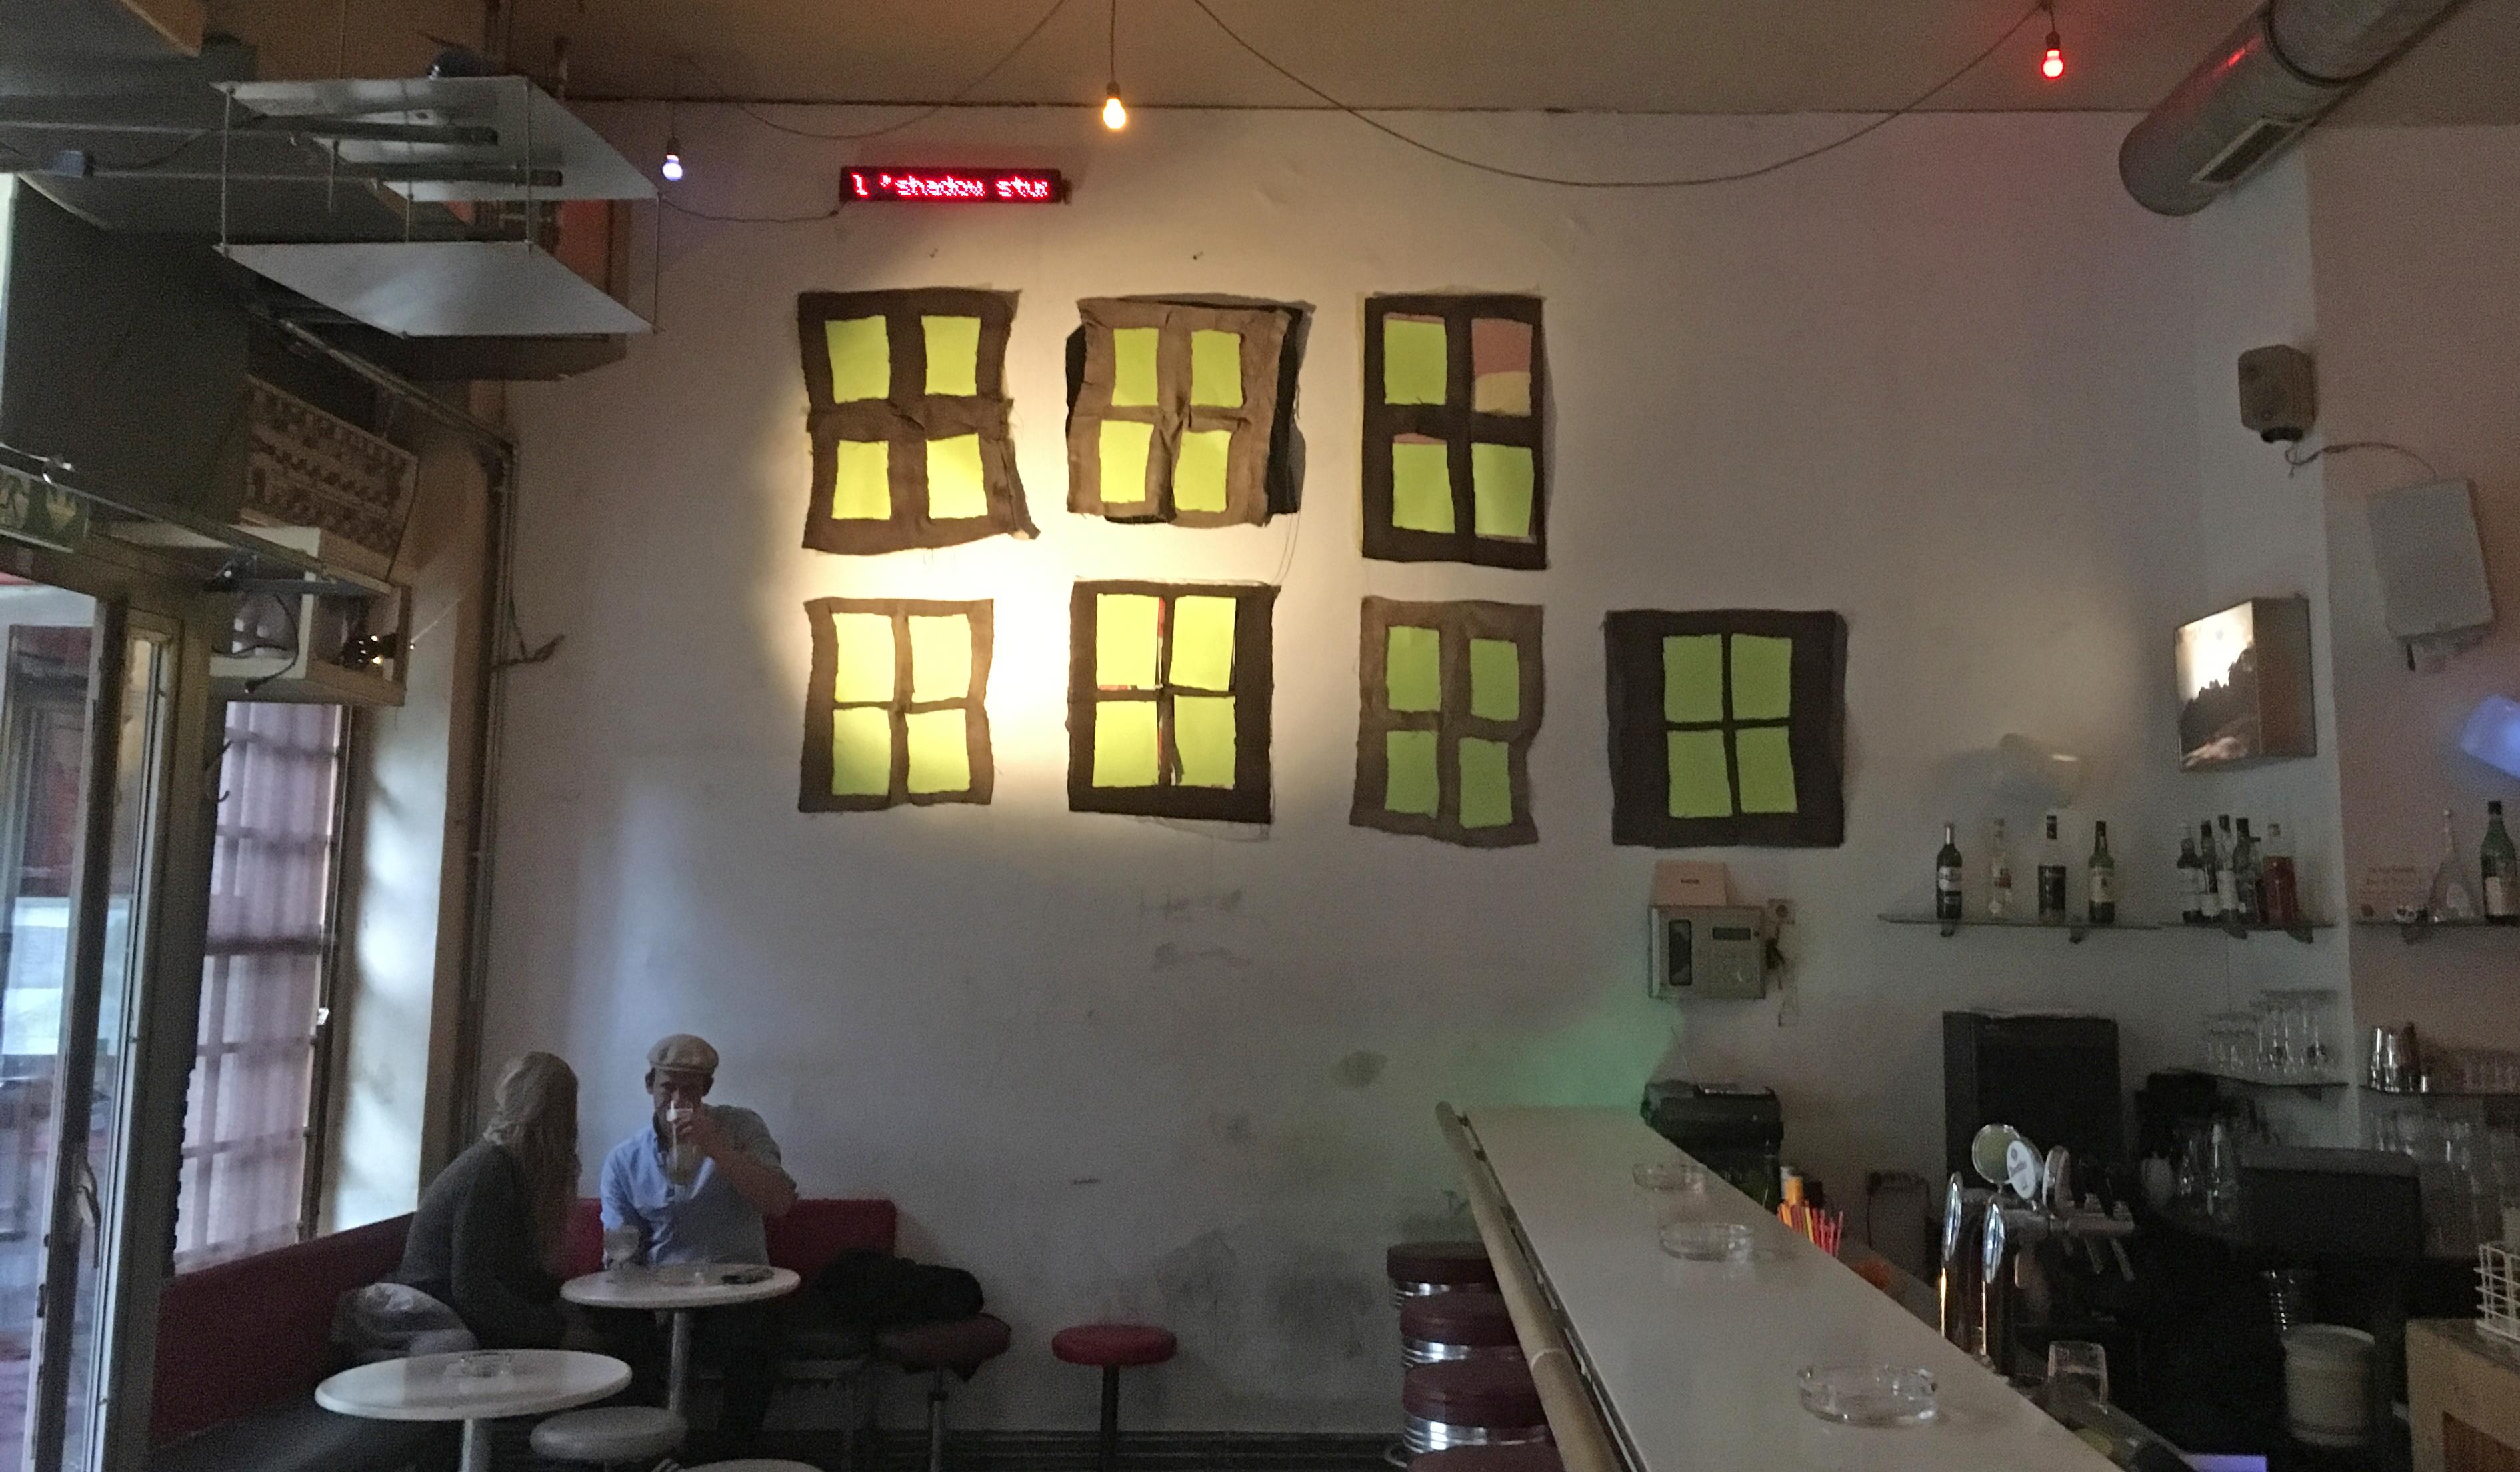 """JOSIP NOVOSEL, Installation """"shadowstudies"""", Gegenwartsbild, Futuregarden"""